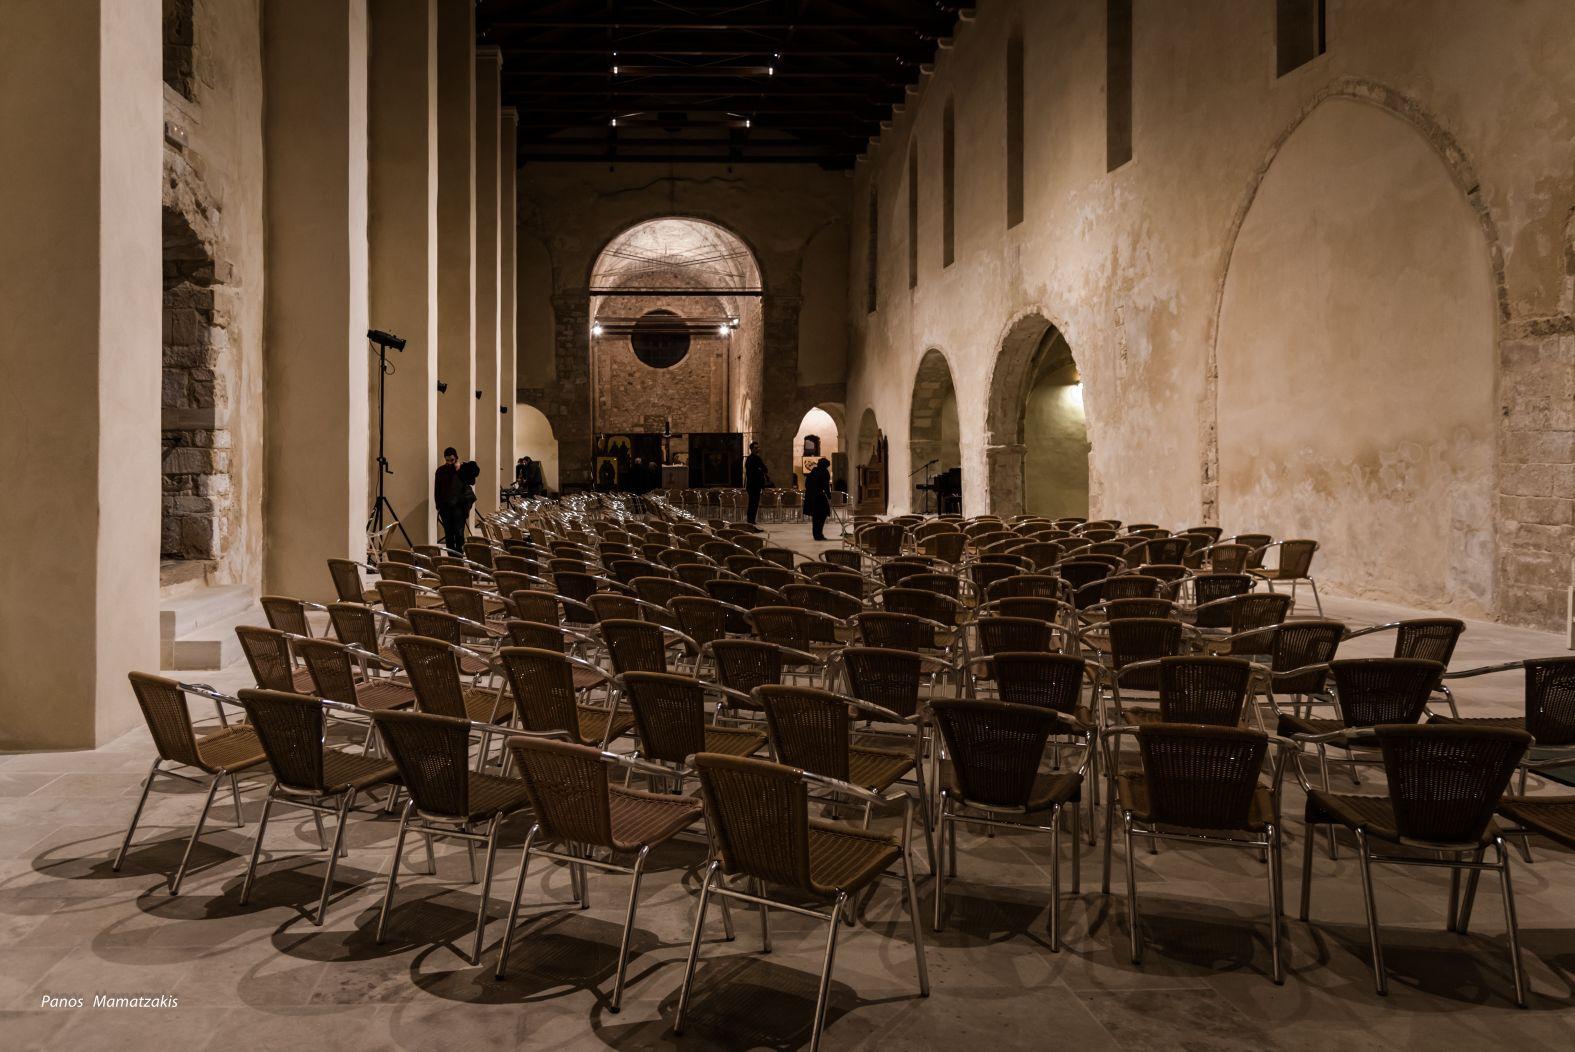 Inside -Ναός Αγίου Πέτρου Δομινικανών, St Peter's Heraklion, Crete